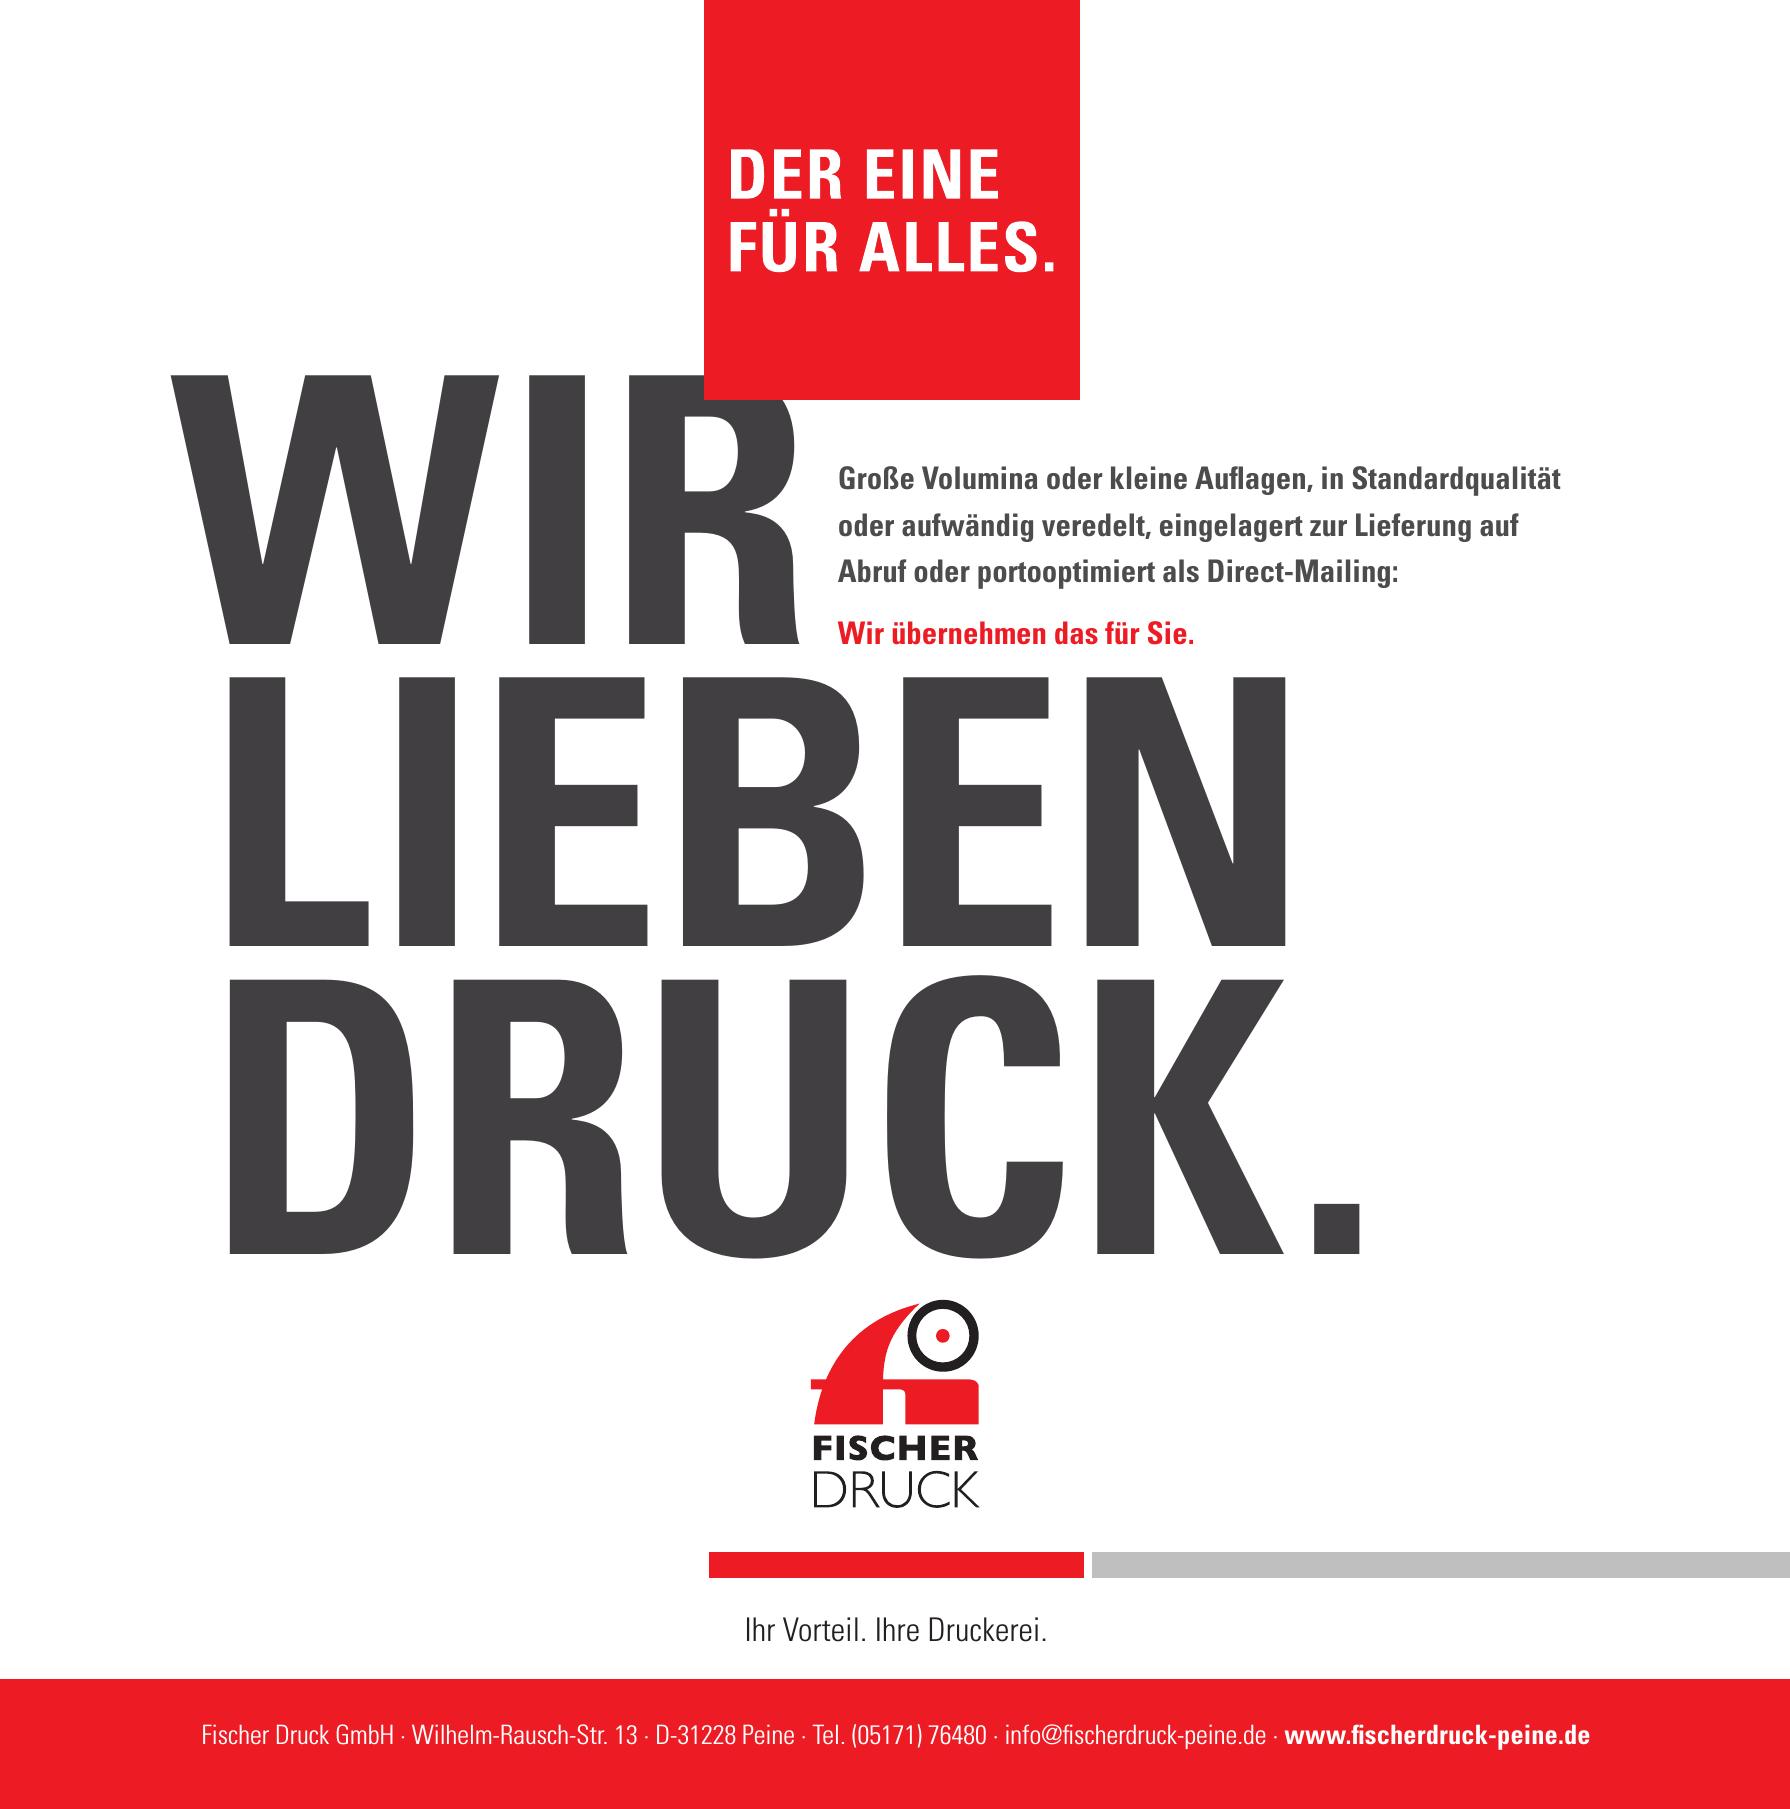 Fischer Druck GmbH